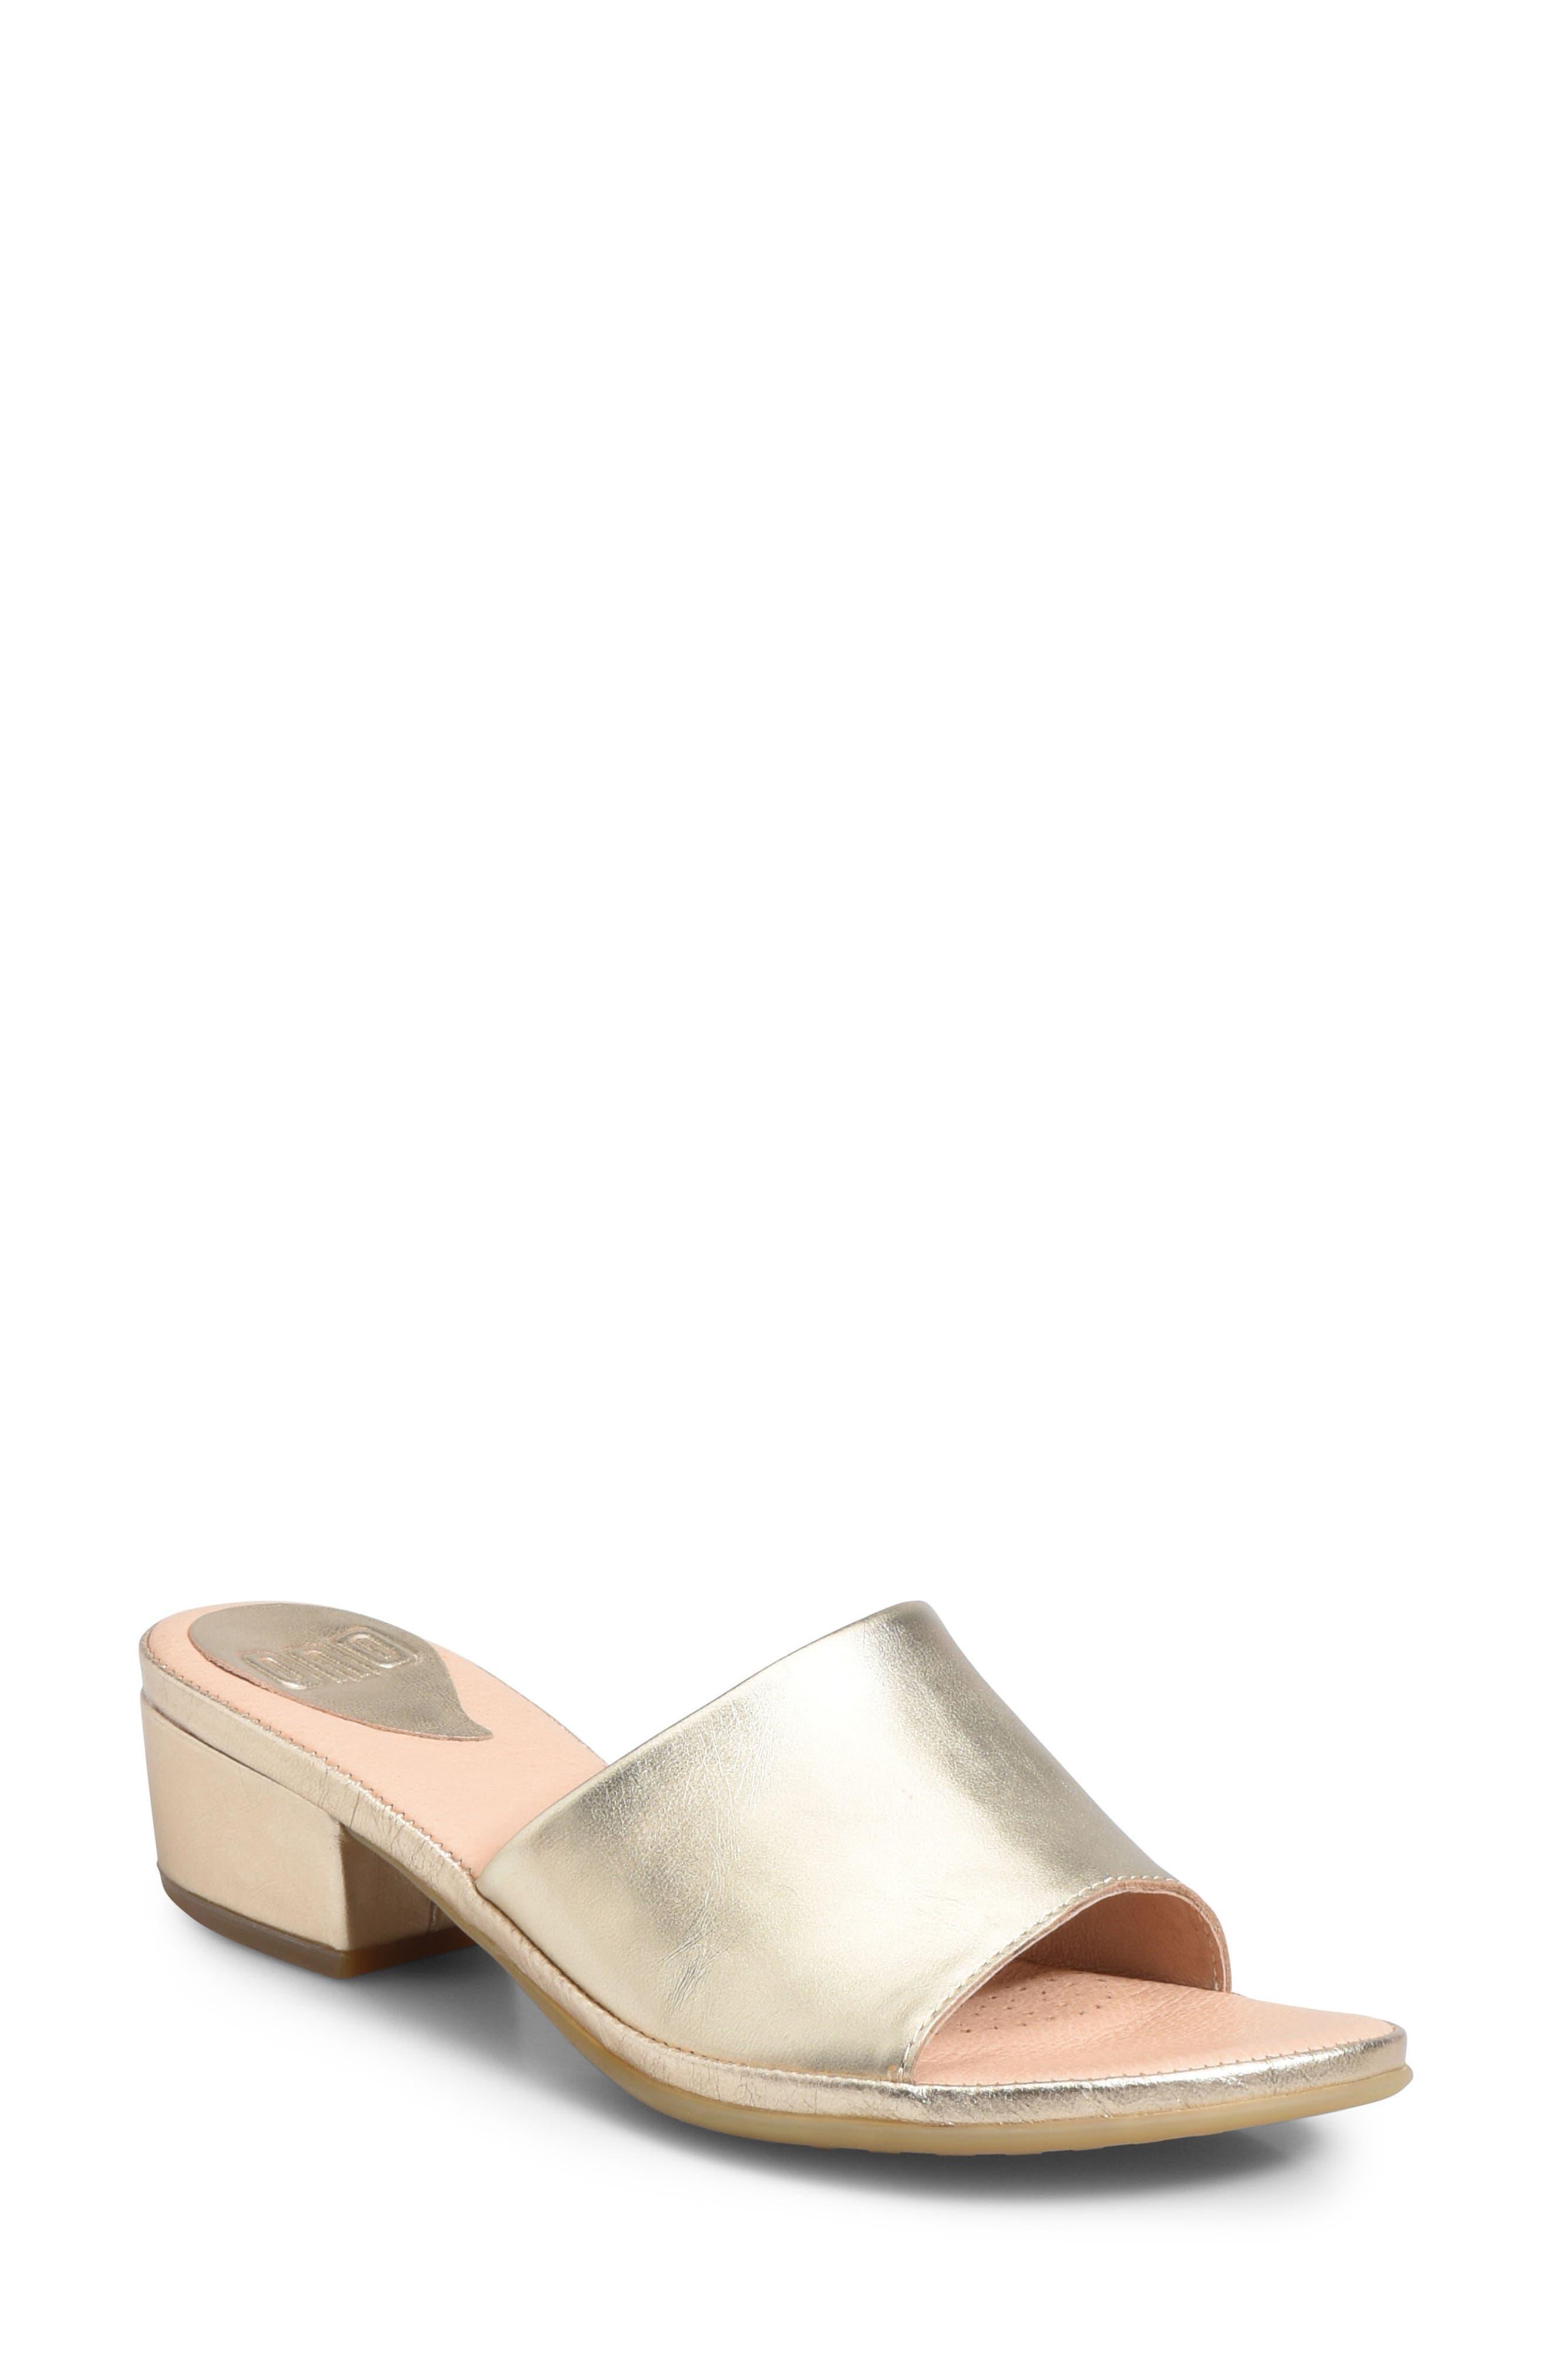 Ono Bo Block Heel Slide Sandal, Metallic